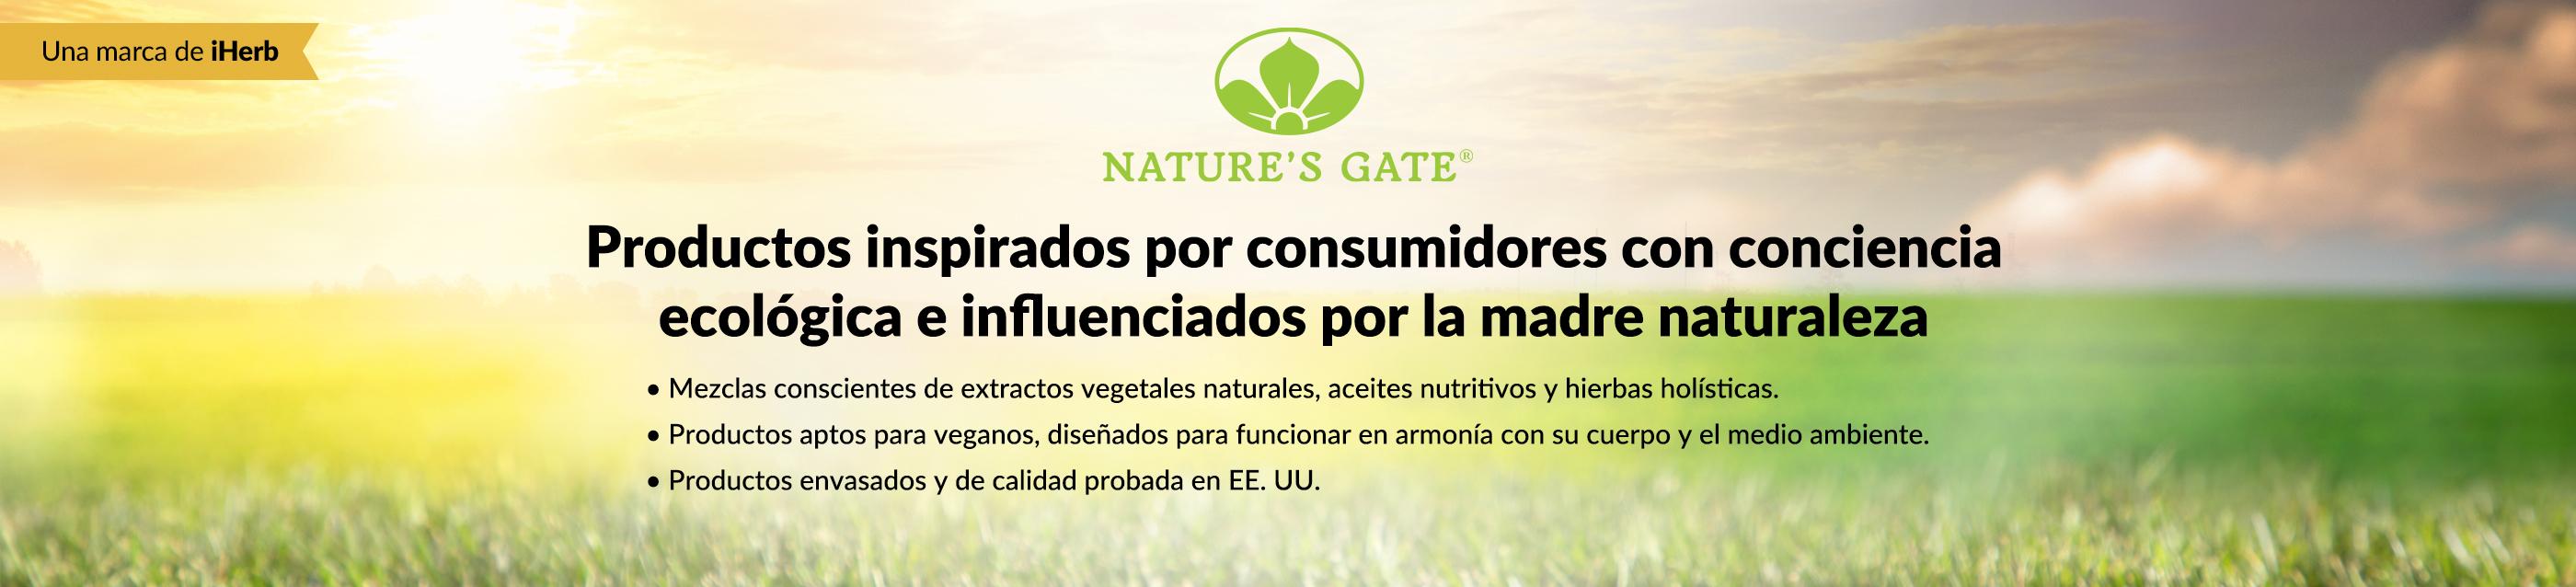 Nature'sGate